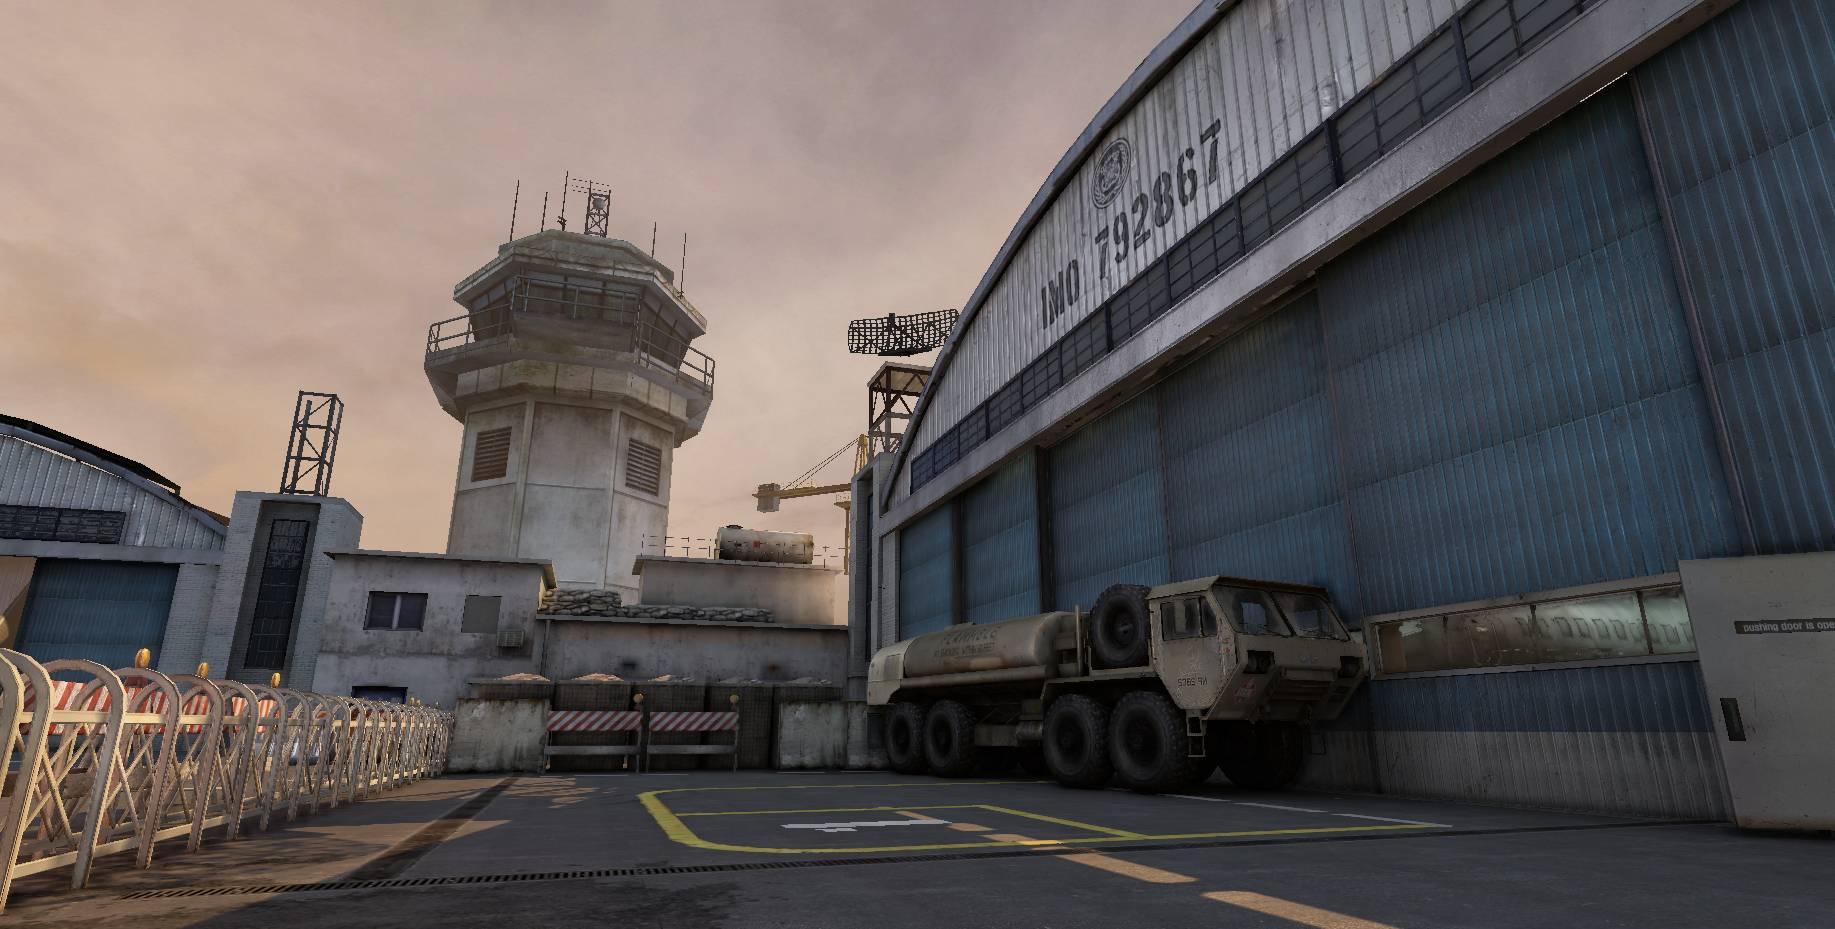 新型早期警戒機「ピースホーク」、もしくは「全方位レーダー」の爆破がミッションとなった爆破モードのマップ。変化する地形にも特徴あり